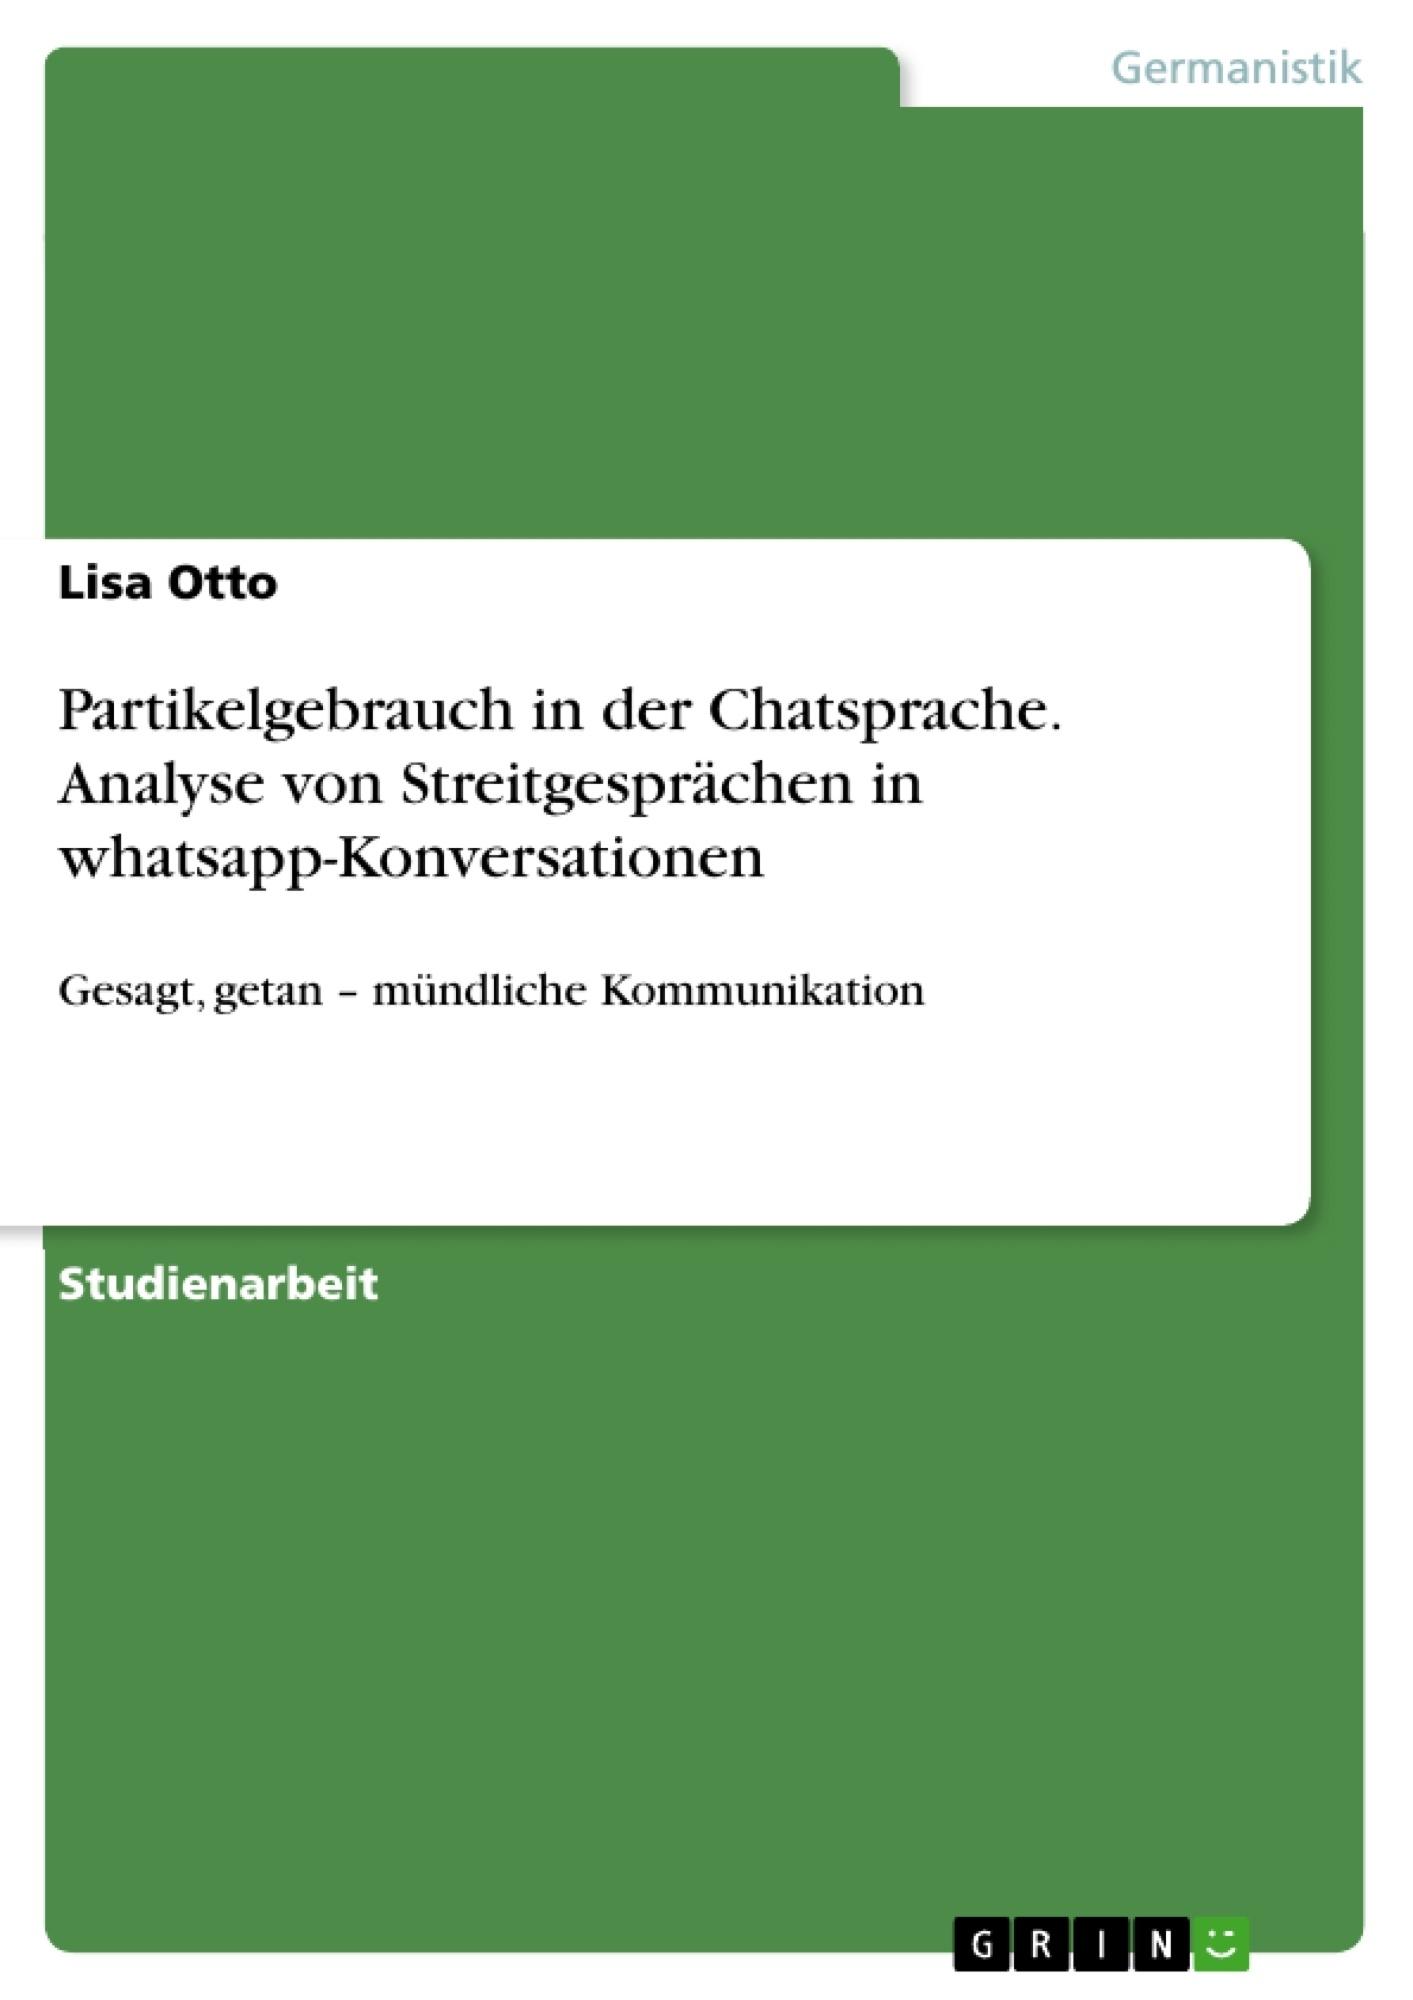 Titel: Partikelgebrauch in der Chatsprache. Analyse von Streitgesprächen in whatsapp-Konversationen